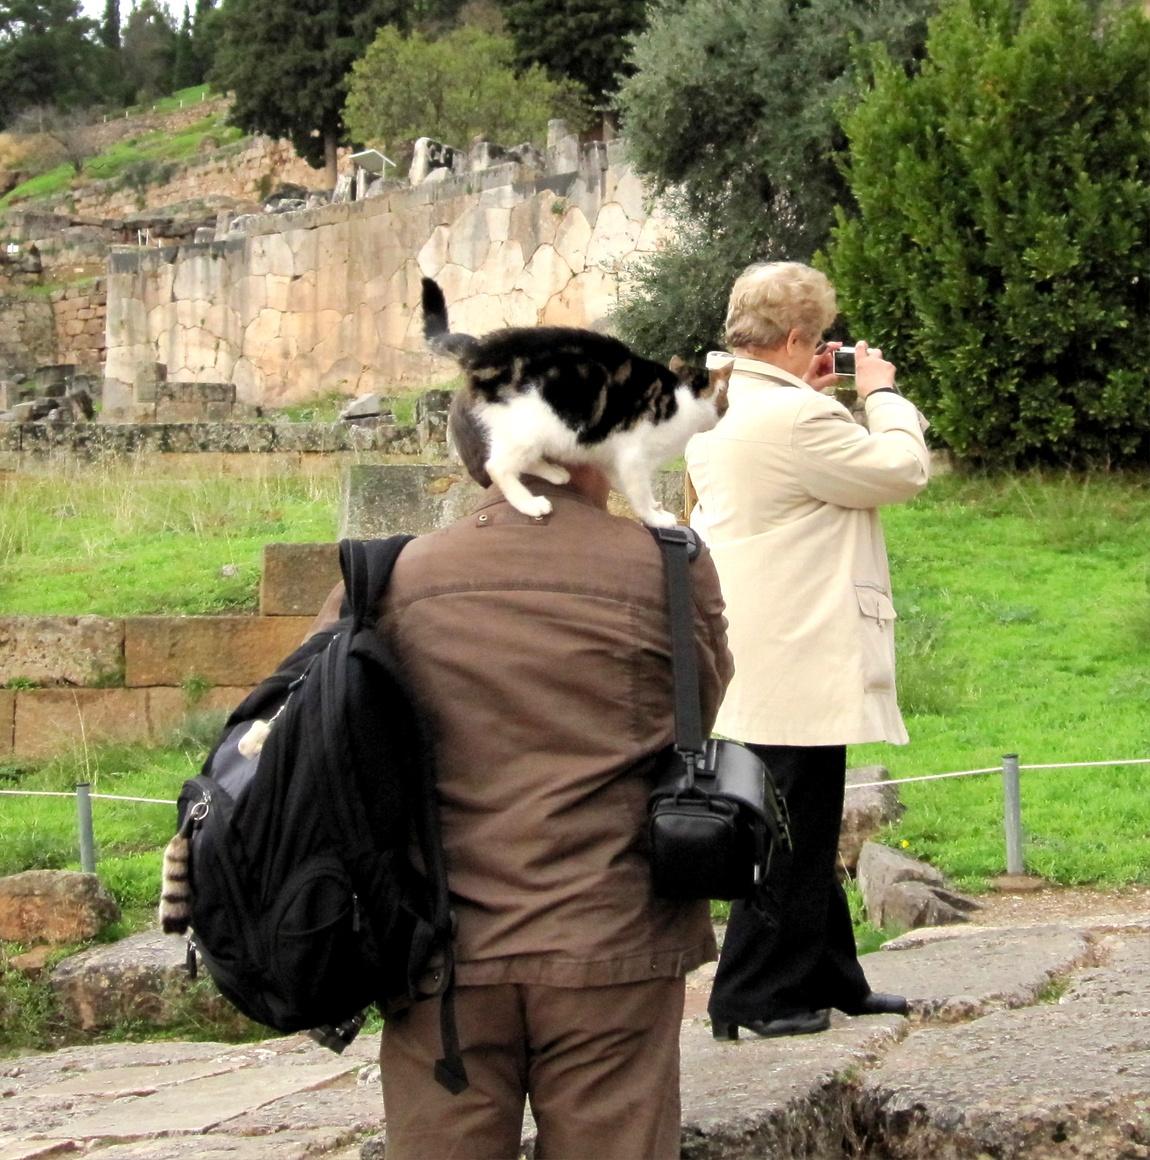 Кошки бесцеремонно катаются на спине. (Греция)